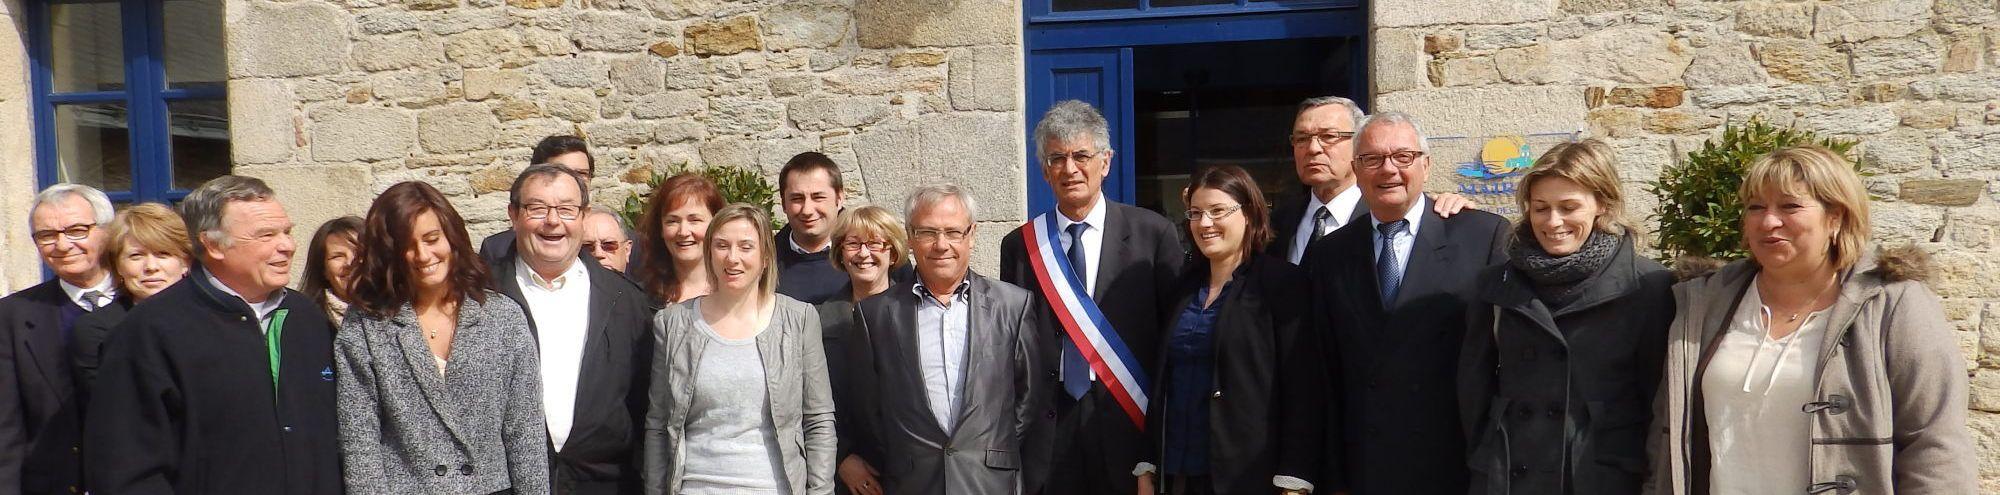 Bandeau de la page 'L'équipe municipale